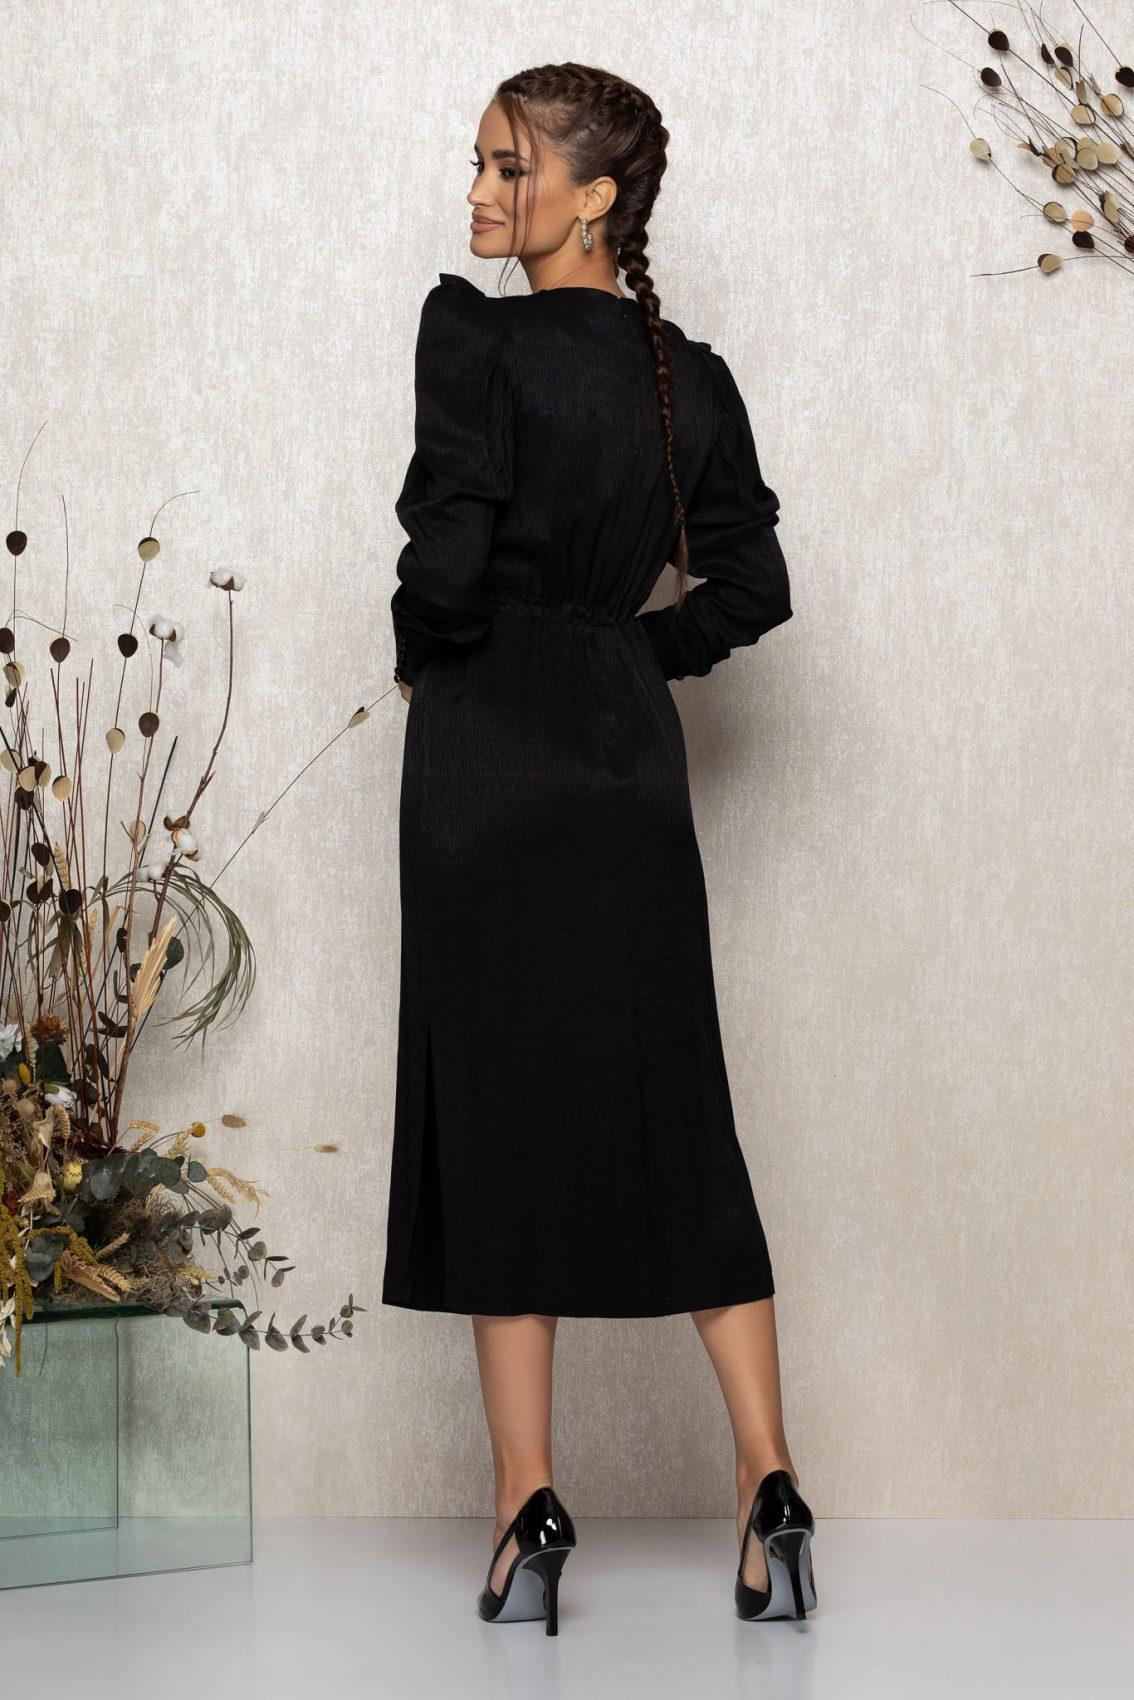 Μαύρο Μίντι Μακρυμάνικο Βραδινό Φόρεμα Brisha T346 4